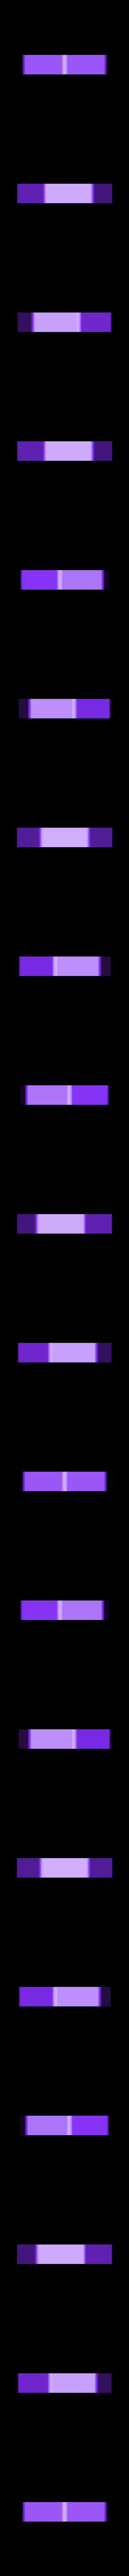 base_abeille.STL Télécharger fichier STL gratuit Hive • Objet pour impression 3D, seb2320